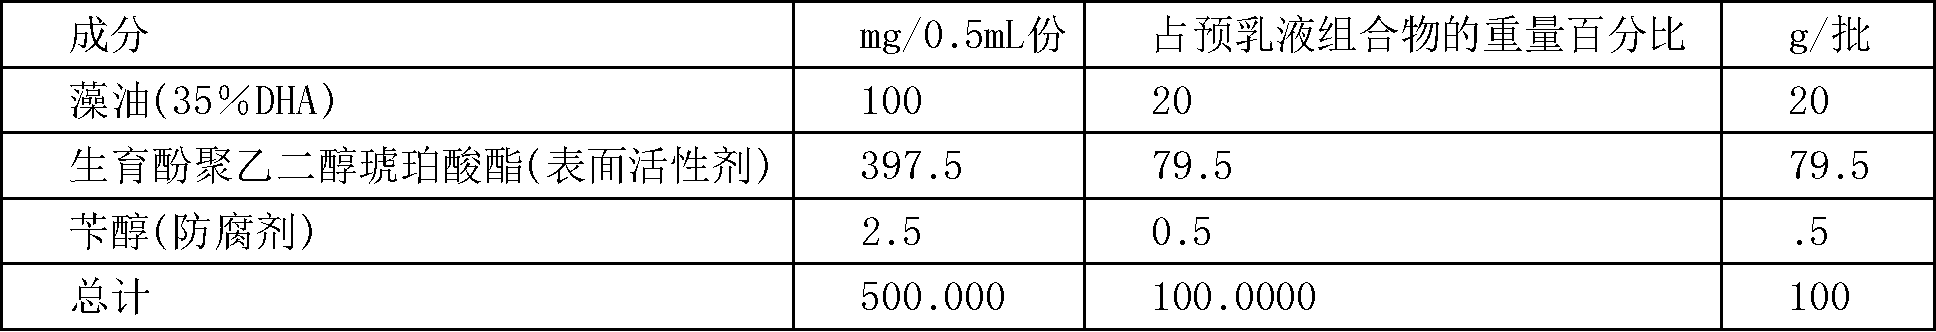 Figure CN102036661BD00843